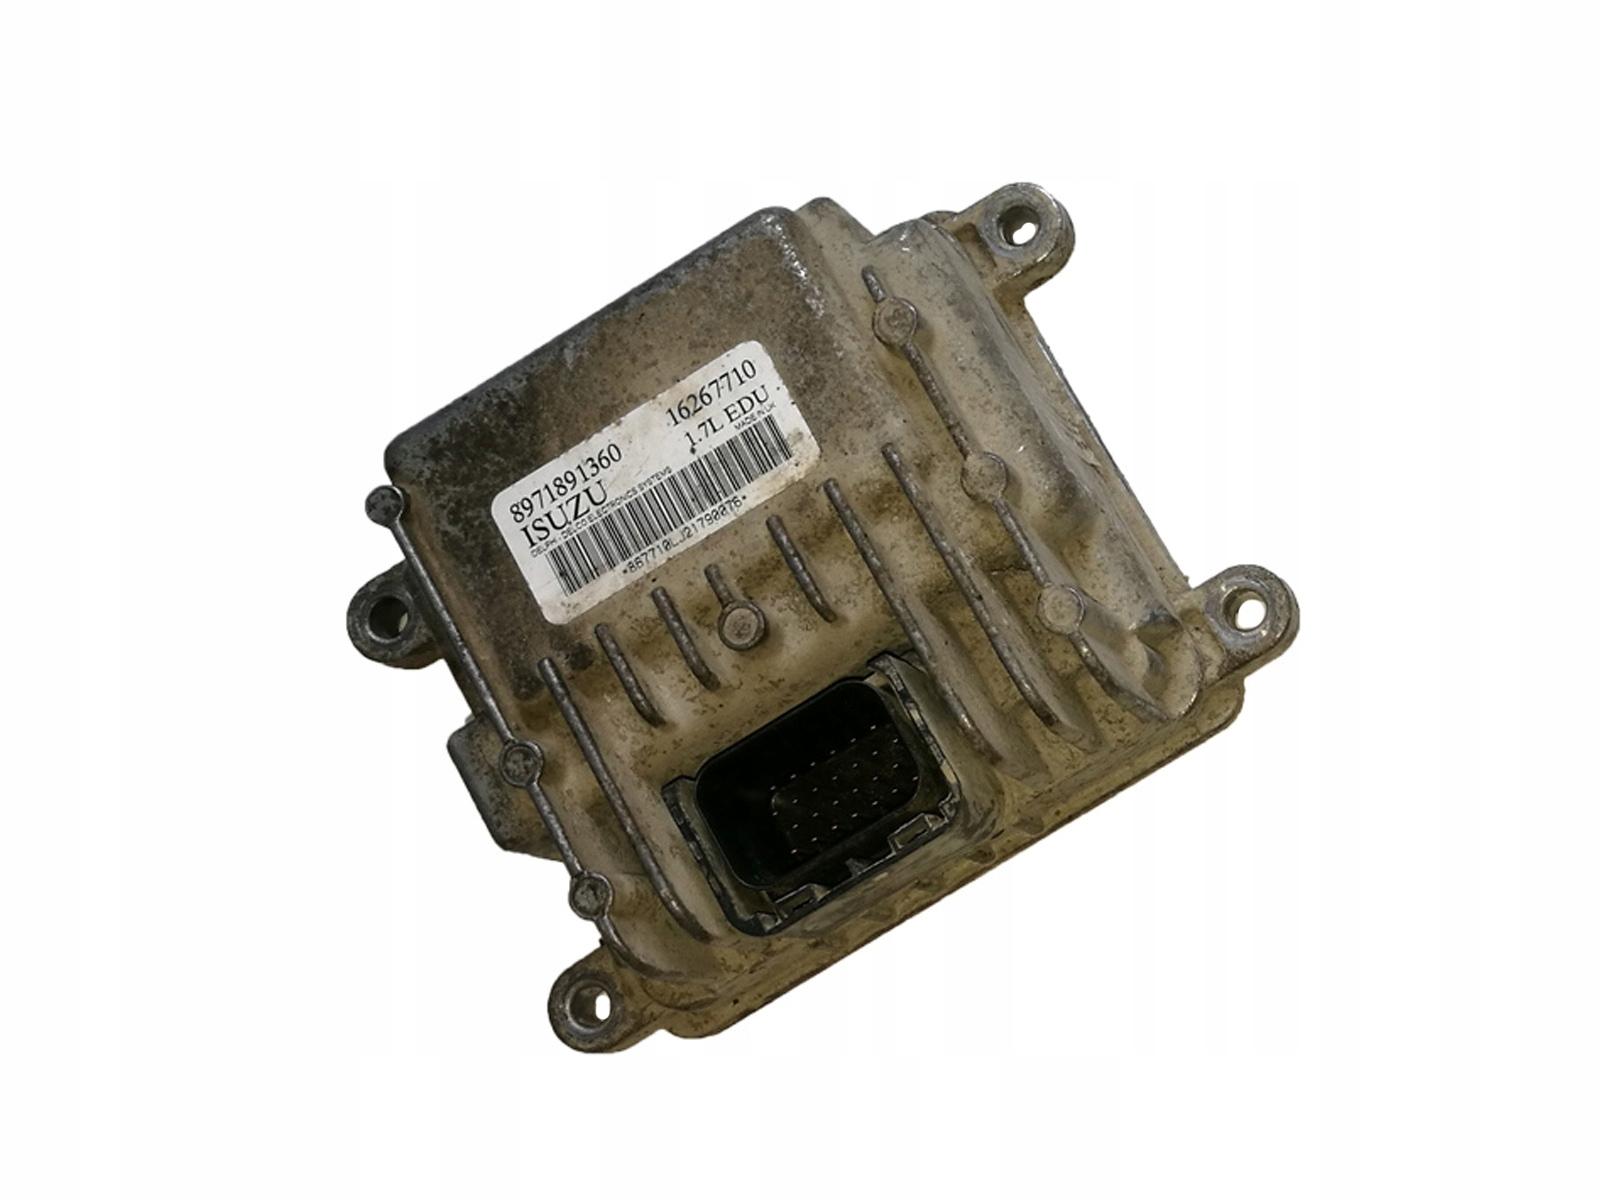 драйвер насосы инжектора opel isuzu 1 7 dtidt